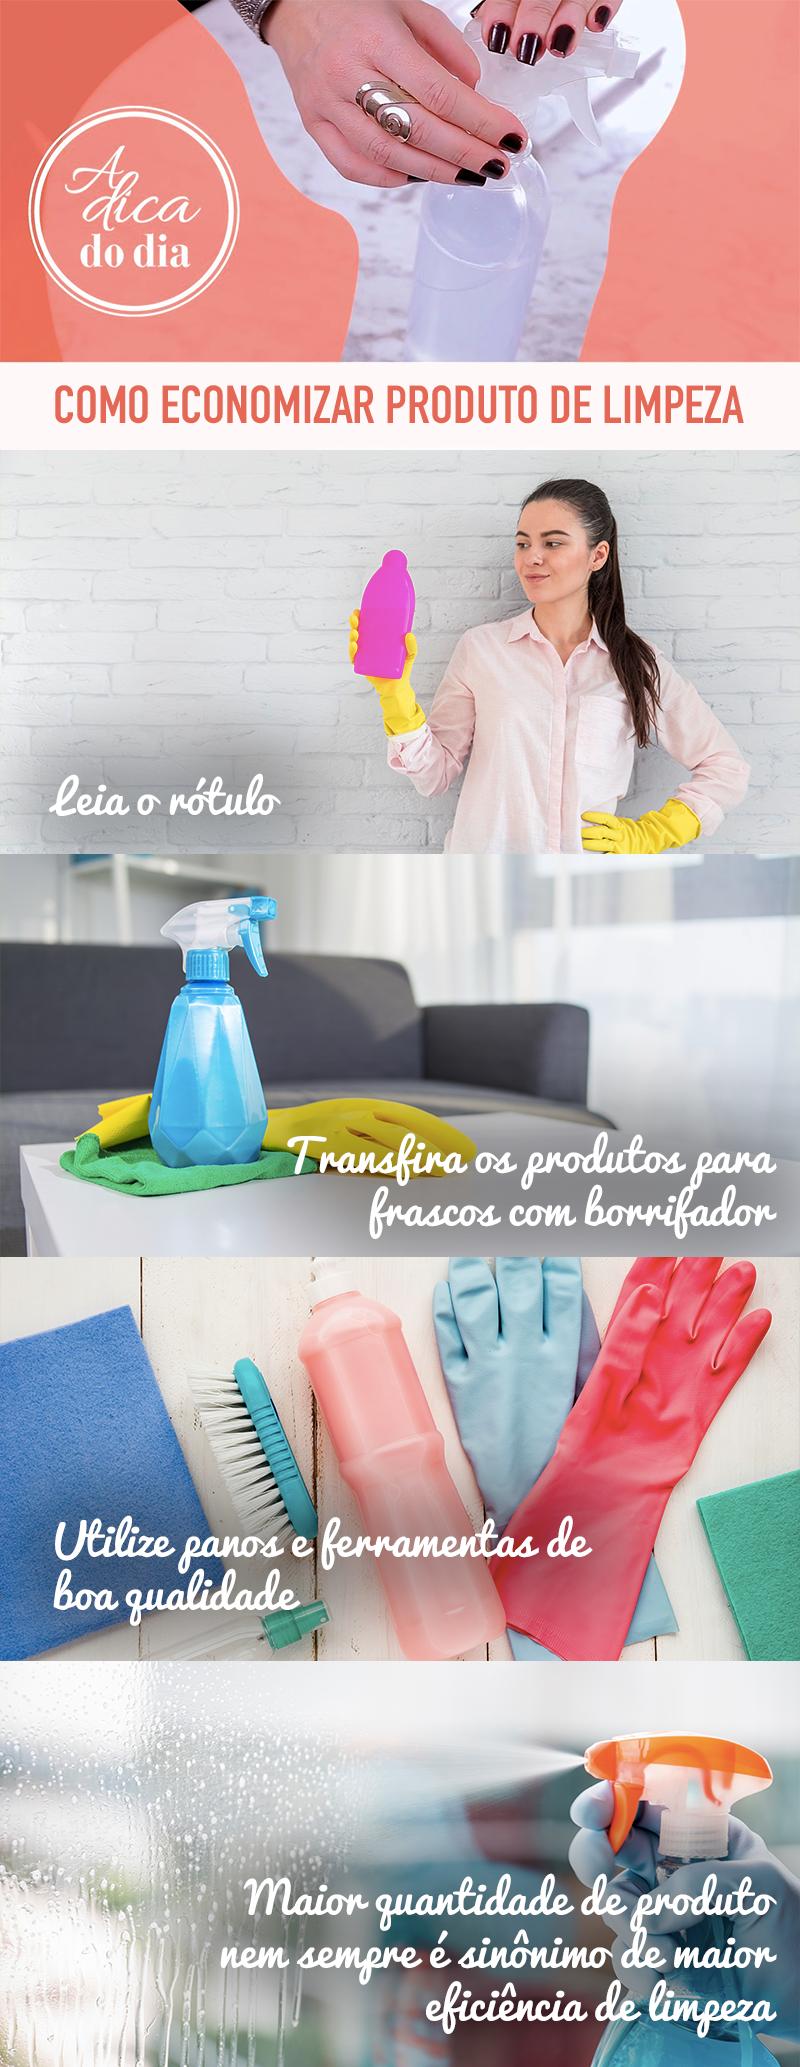 Economizar produto de limpeza Flávia Ferrari